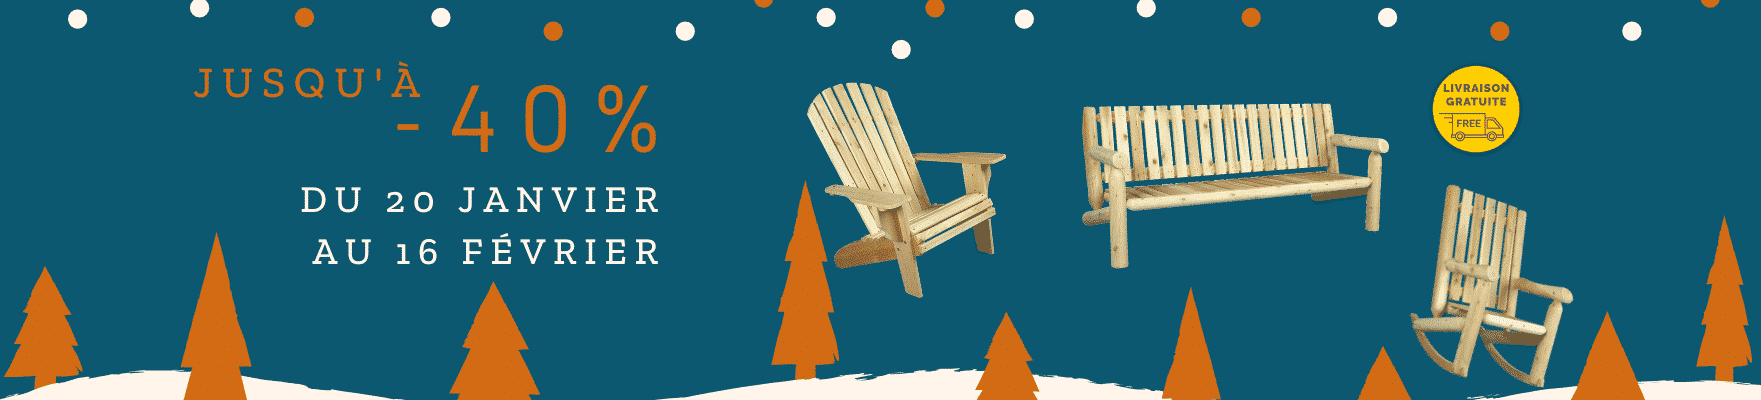 mobilier en bois soldes hiver 2021